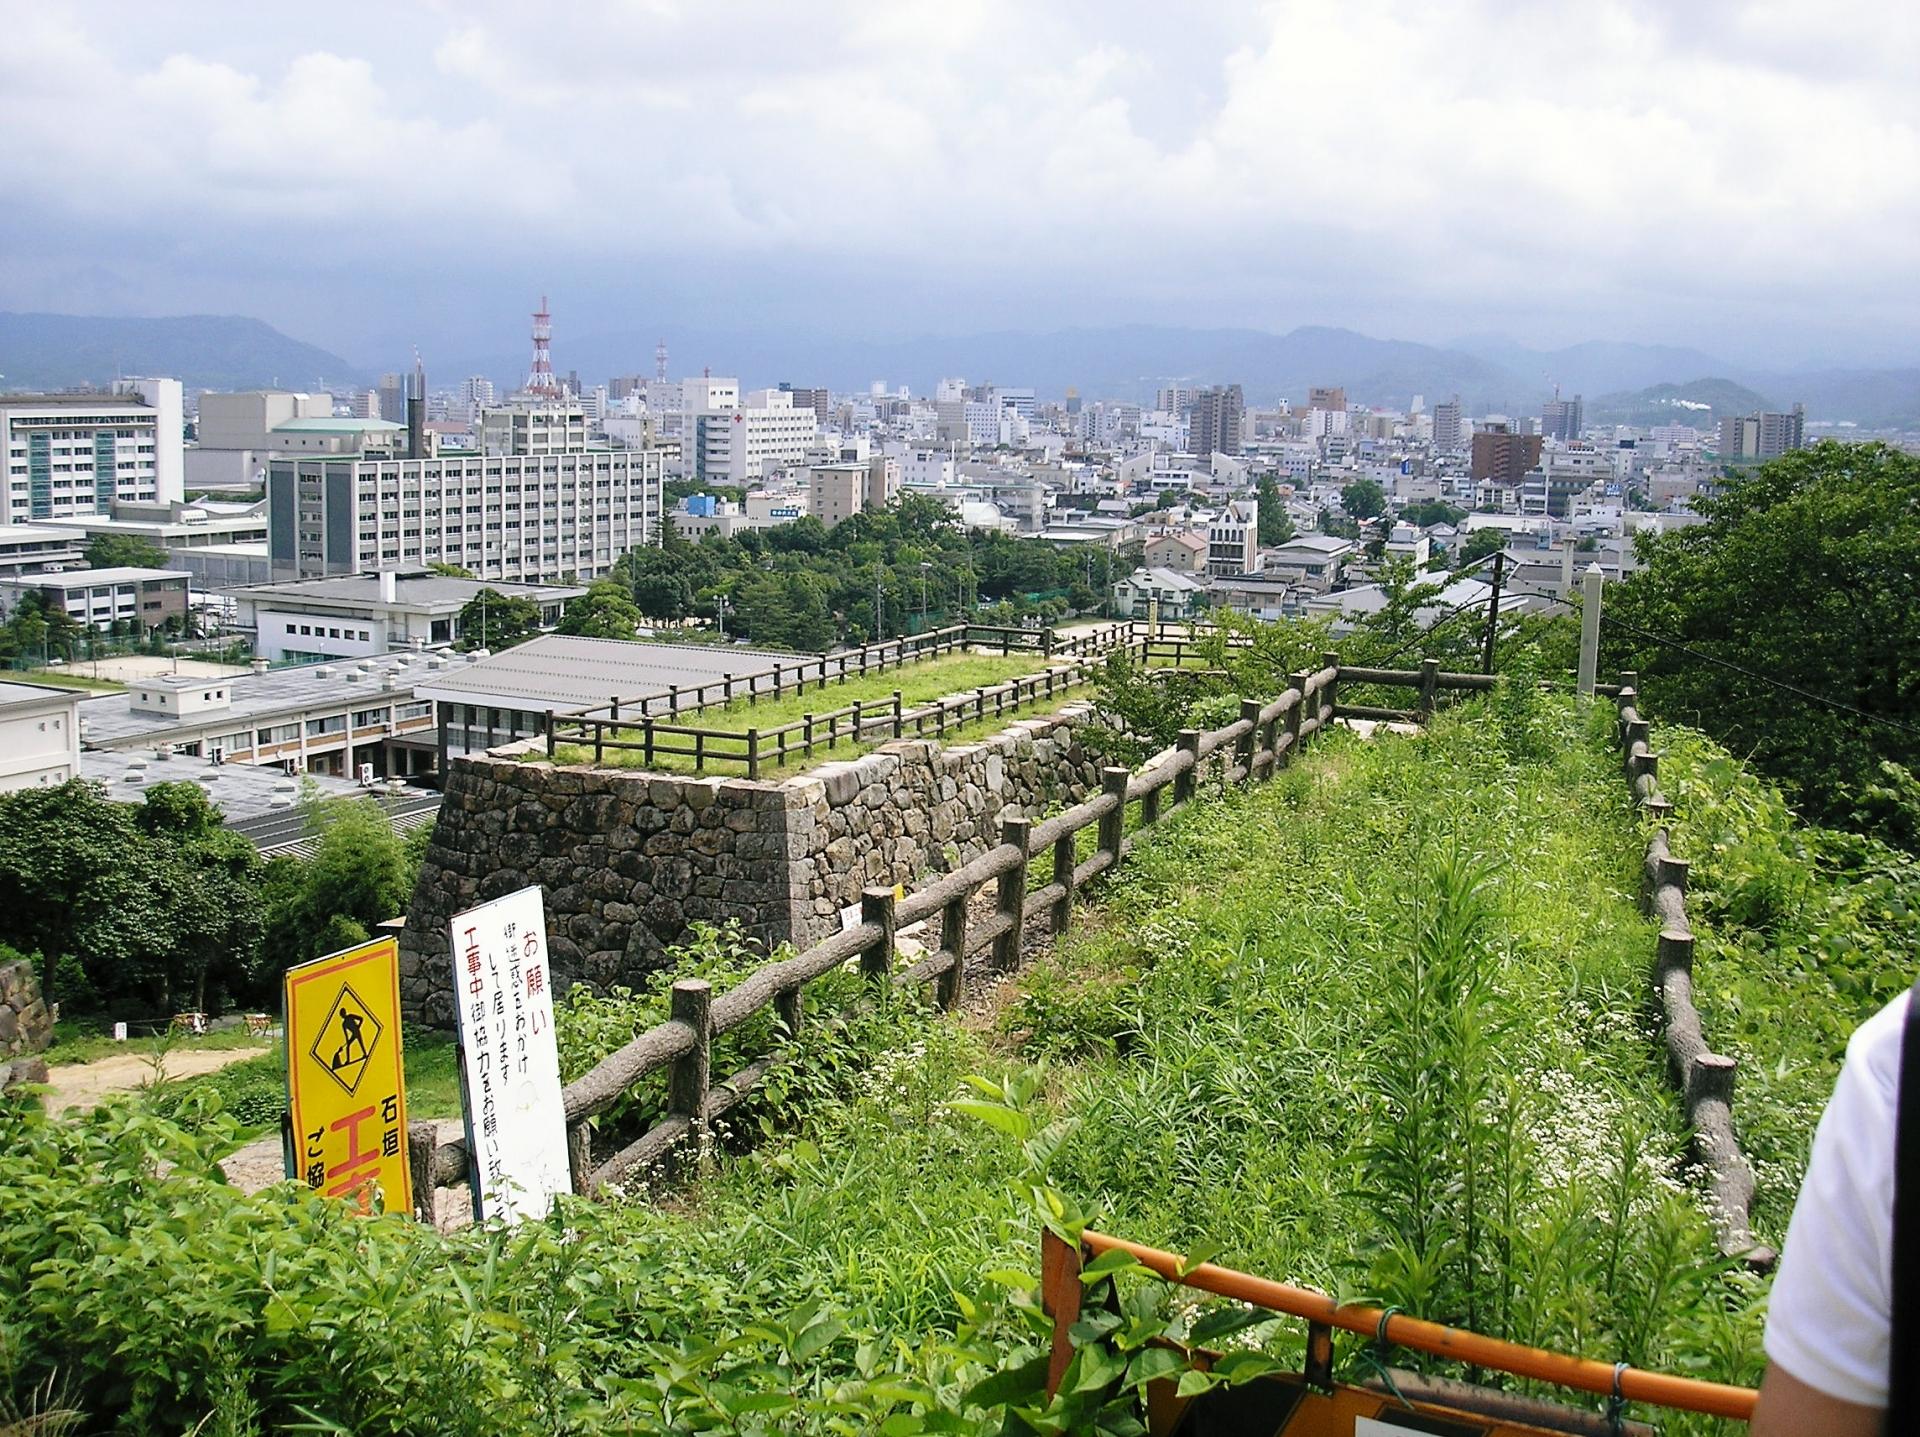 鳥取城:戦国時代には山名豊国が羽柴秀吉の籠城攻めにて落城 鳥取城【お城特集 日本の歴史】